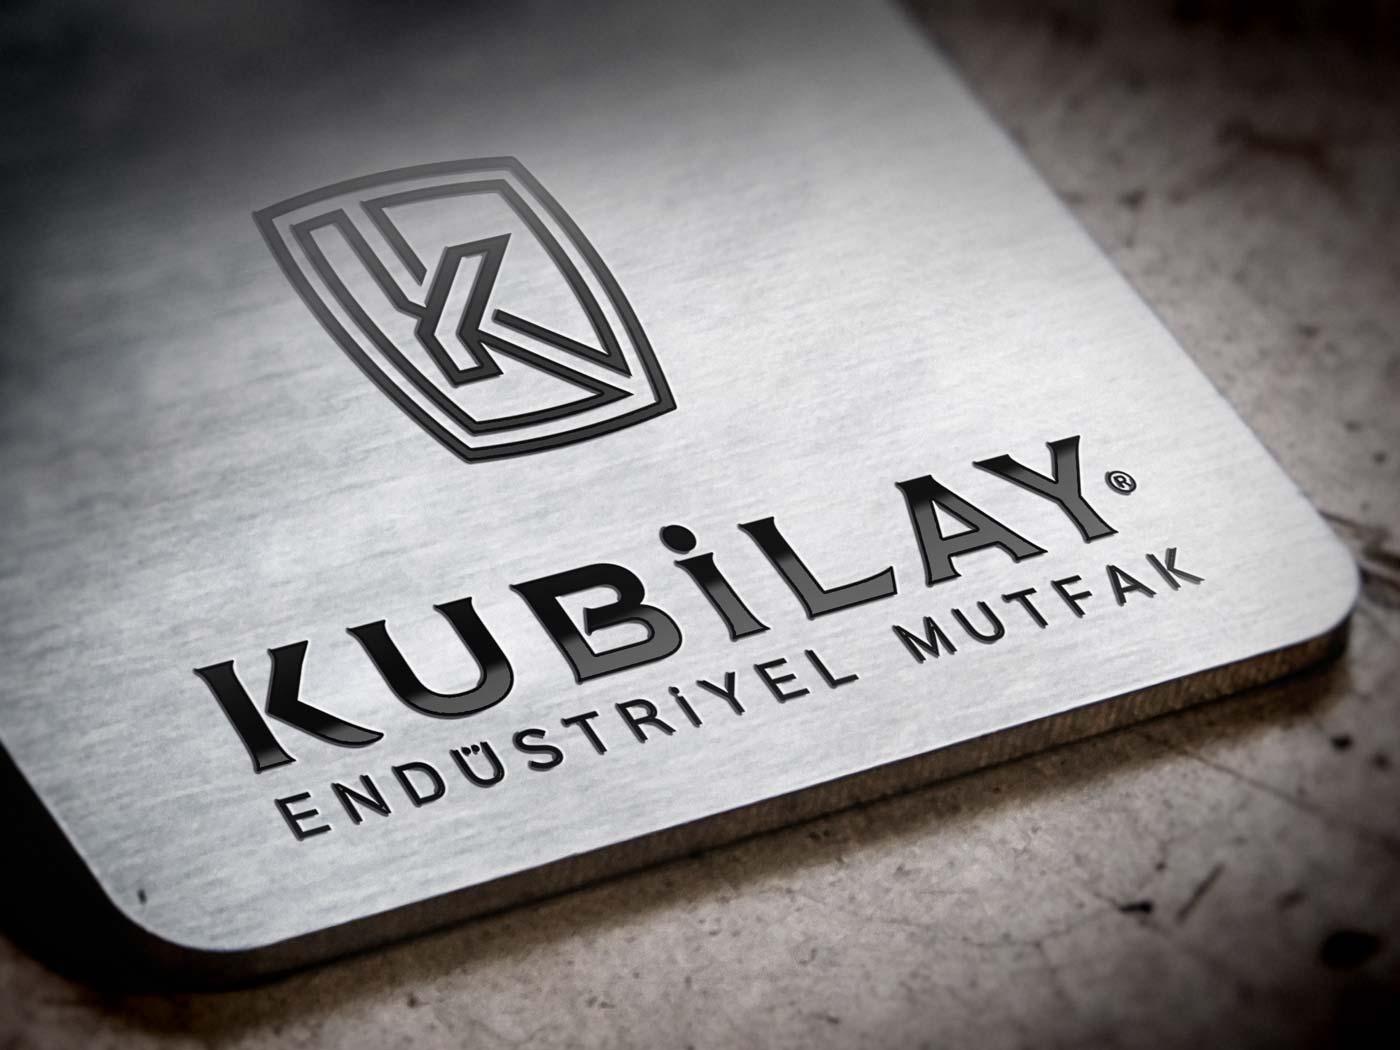 kubilay mutfak logo 2016